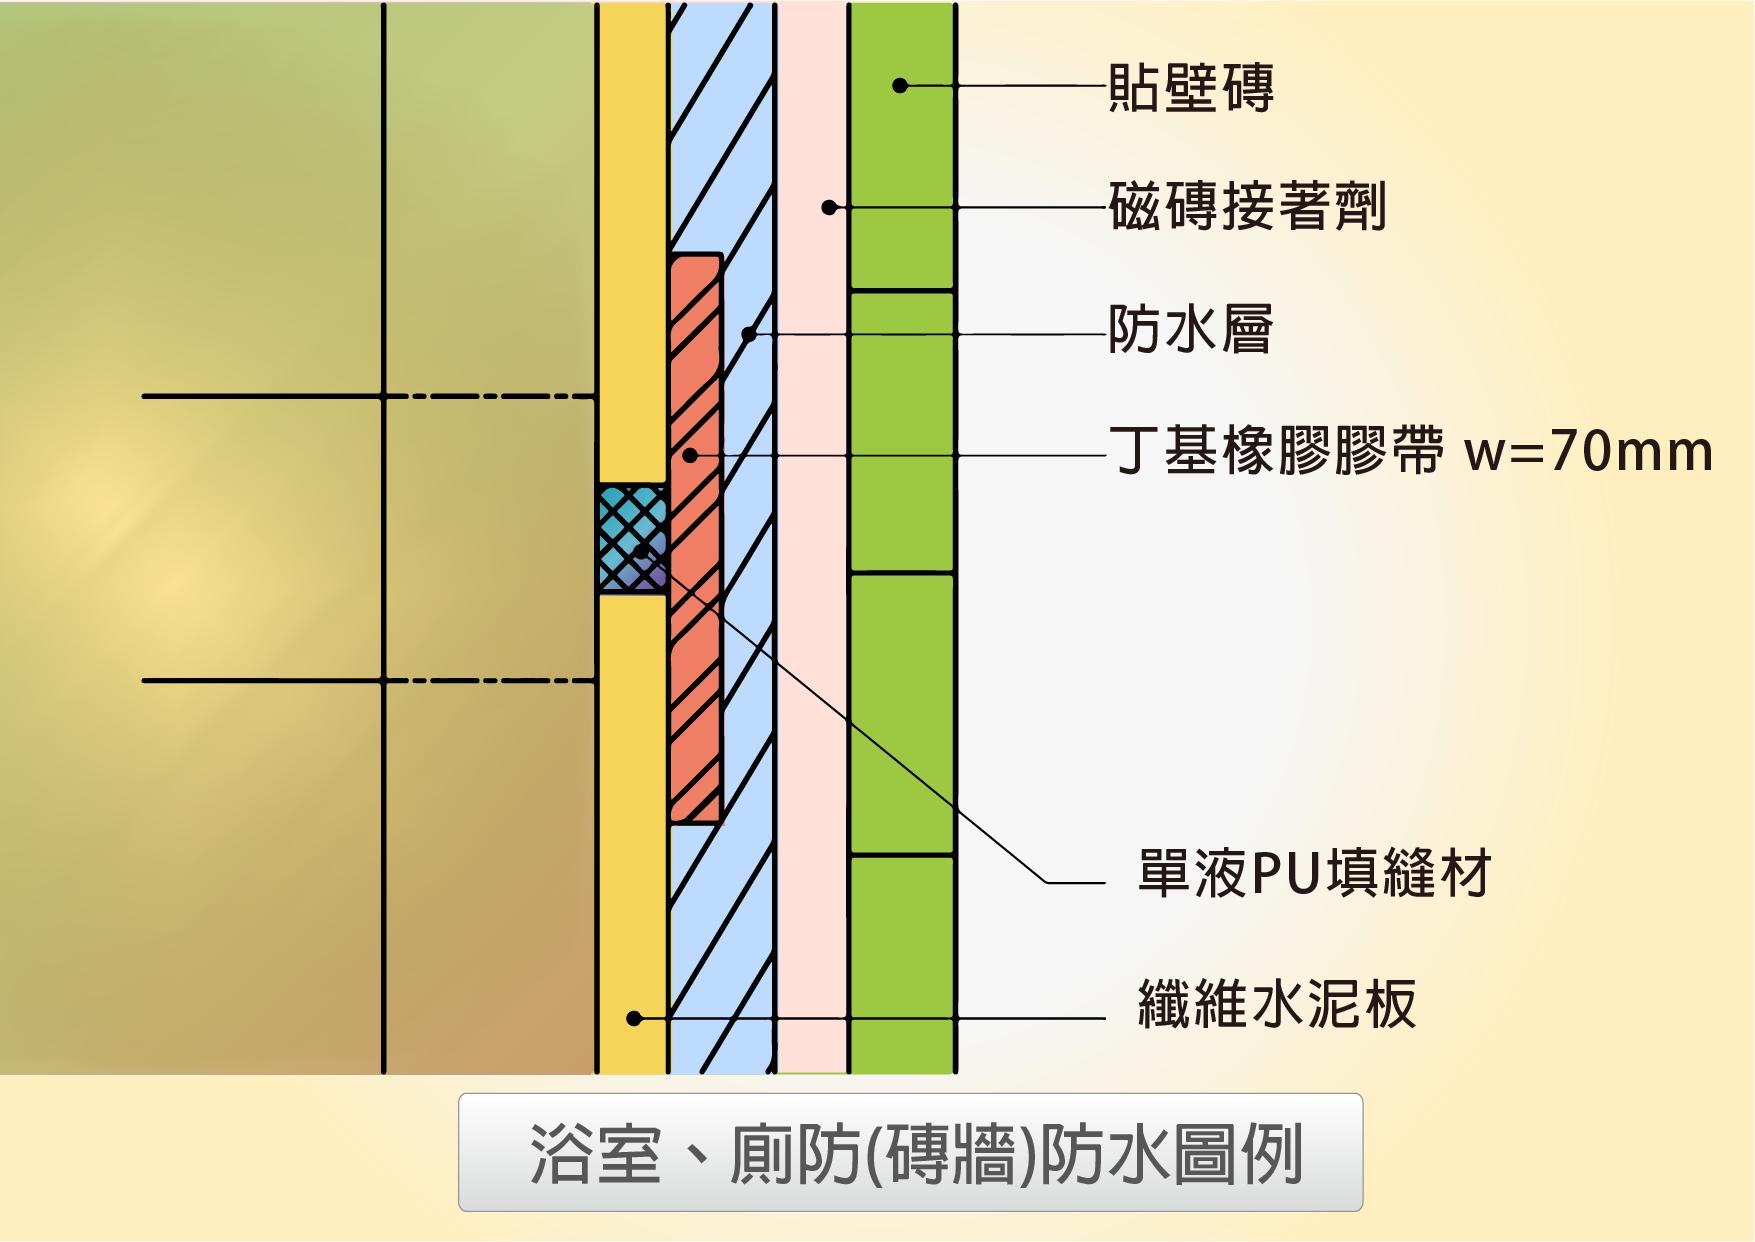 圖2-4-72(圖例二-a).png